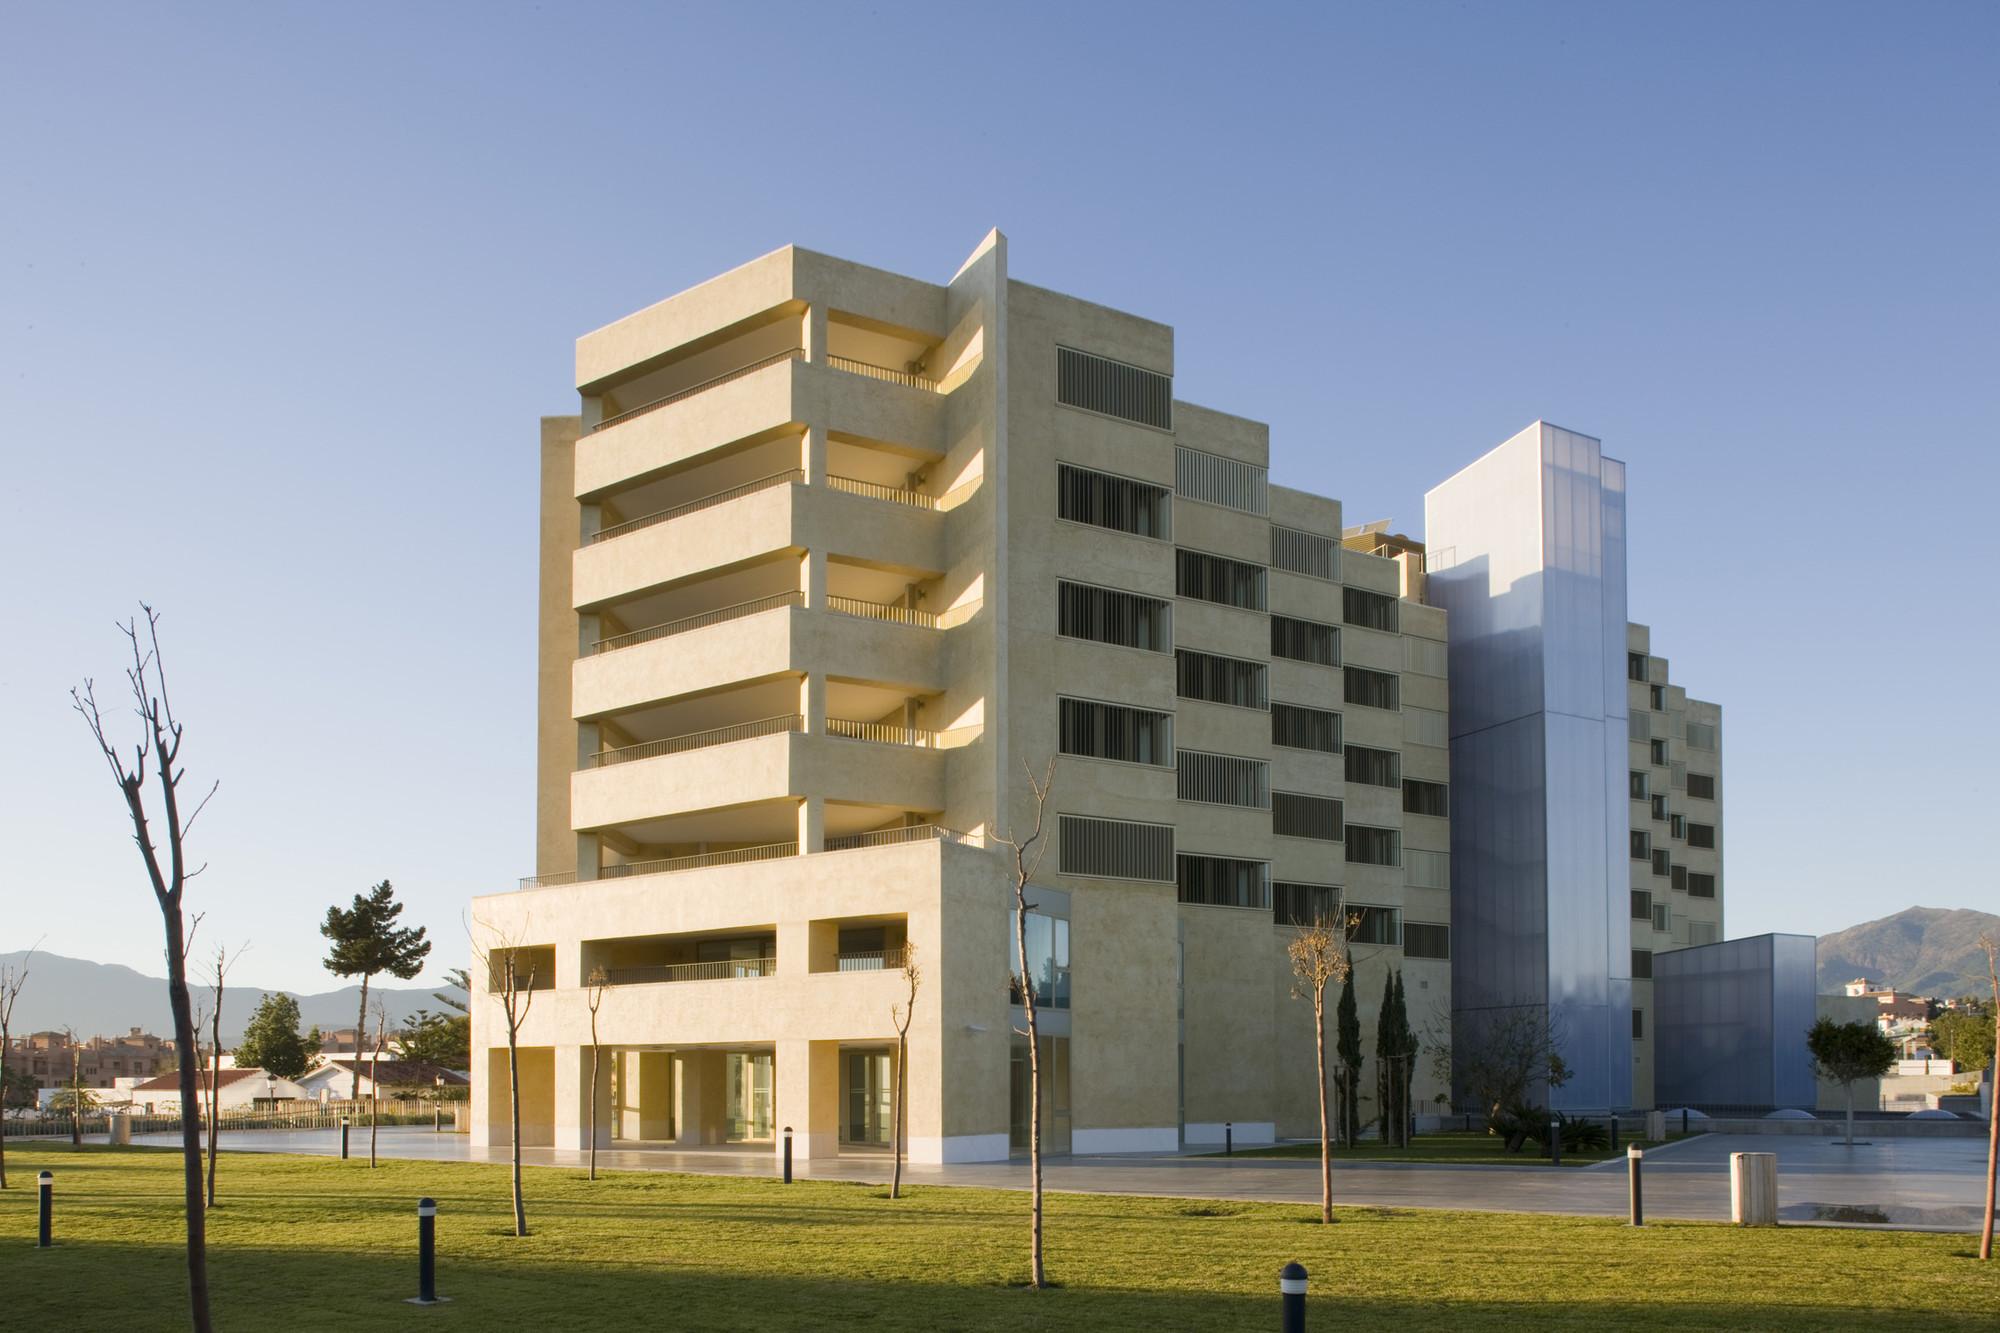 Rehabilitaci n de edificio para residencia de personas for Arquitectura de proyectos